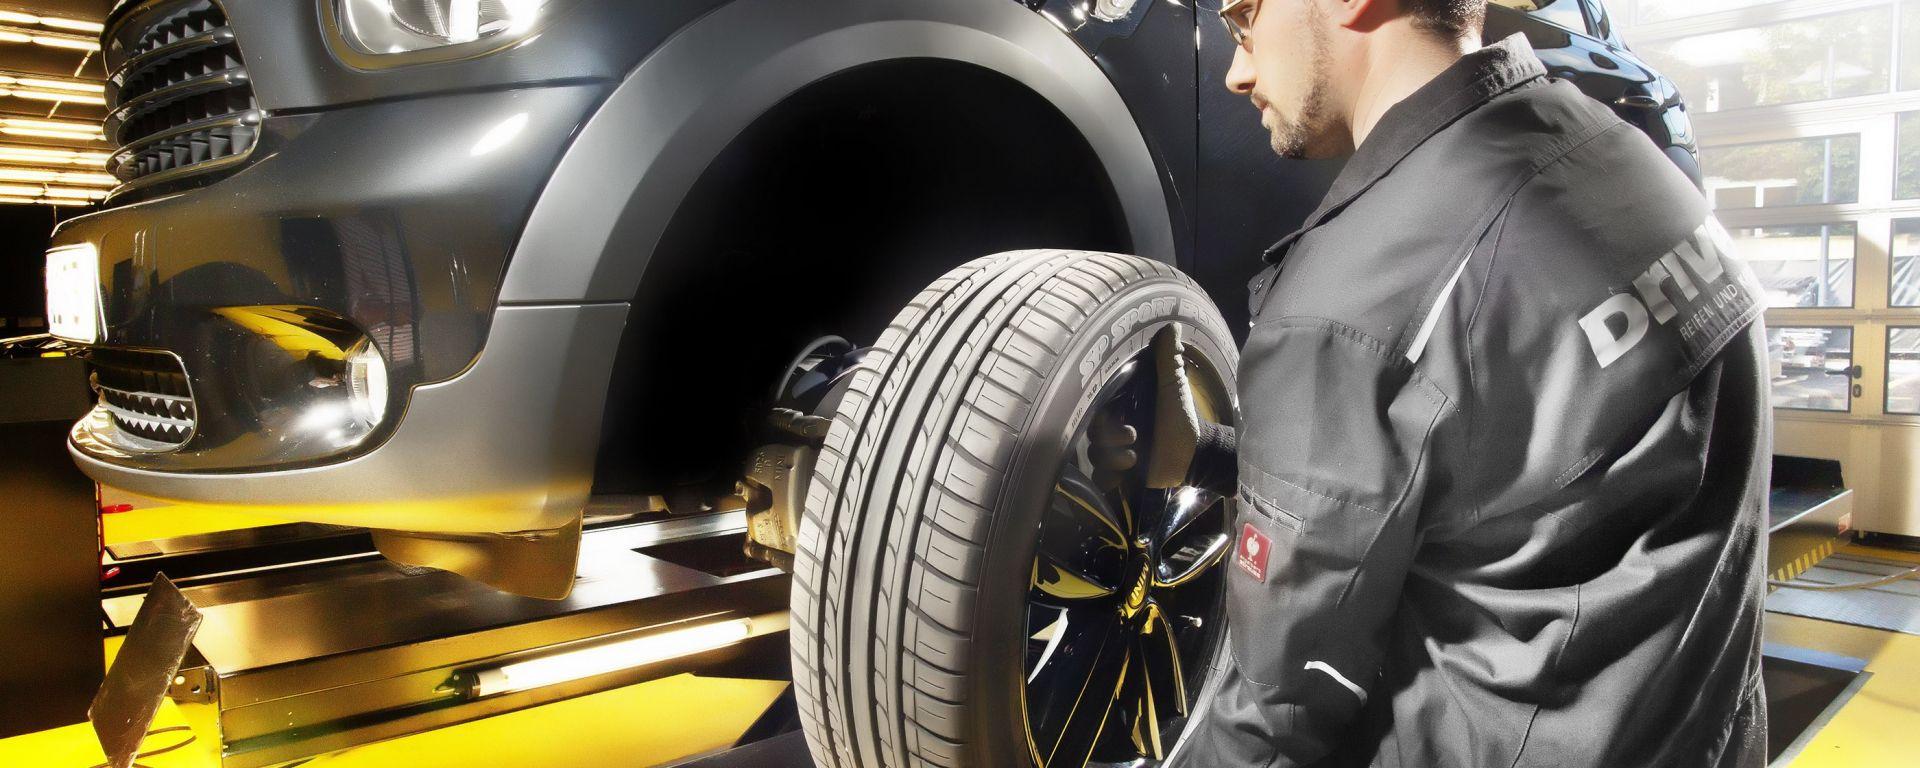 Come gonfiare correttamente i pneumatici. L' azoto serve davvero?